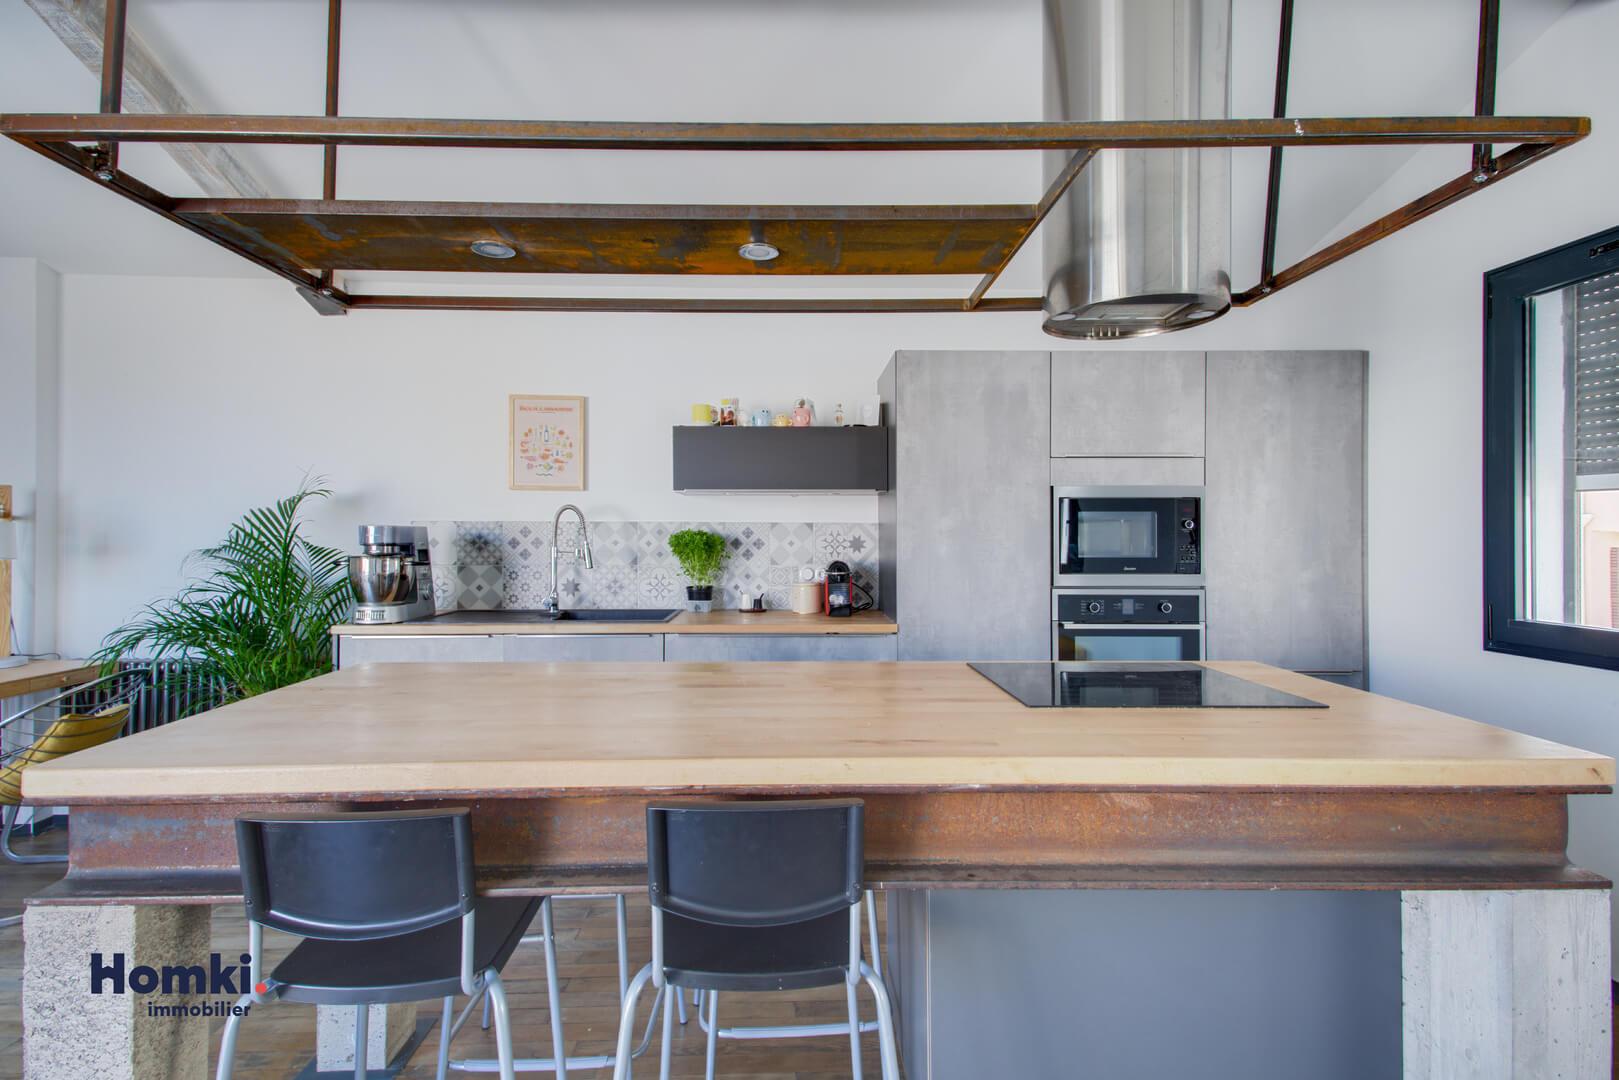 Vente maison 100 m² T4 13007_6